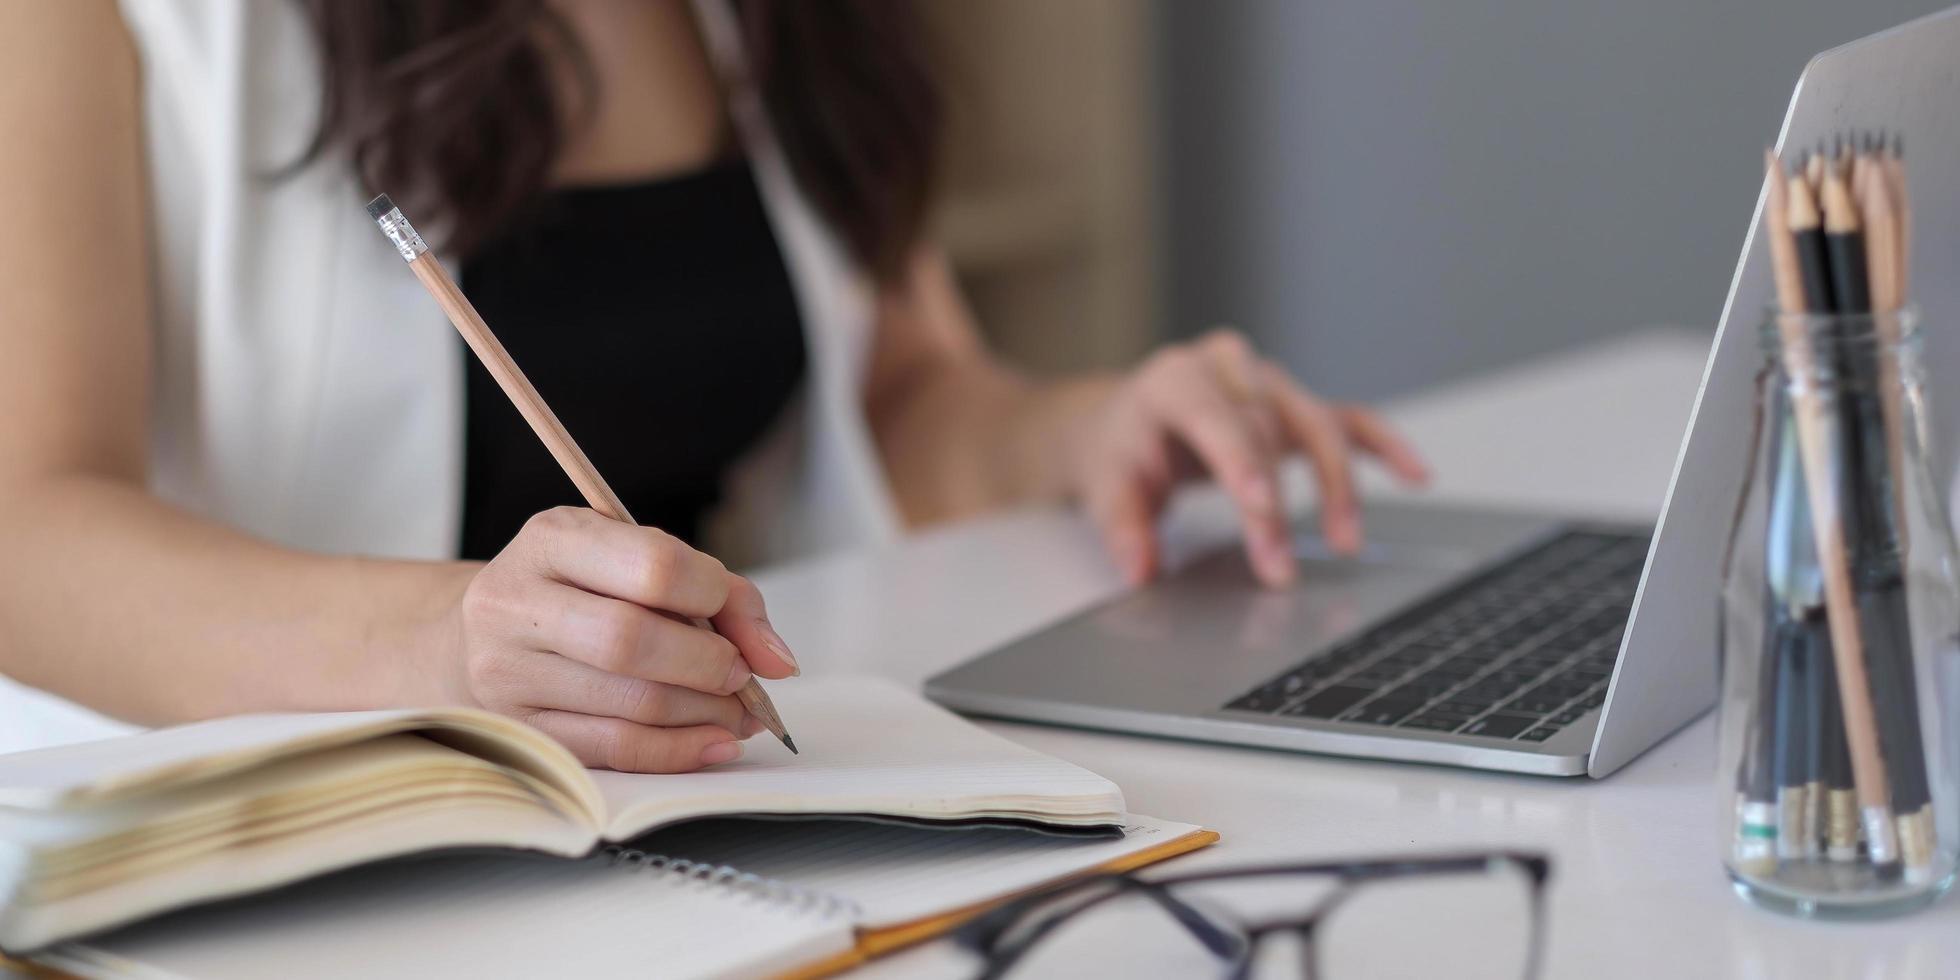 Nahaufnahme einer asiatischen Frau, die auf einem Notebook auf einem Tisch mit Laptop schreibt, Mädchenarbeit in einem Café, freiberufliches Geschäftskonzept foto